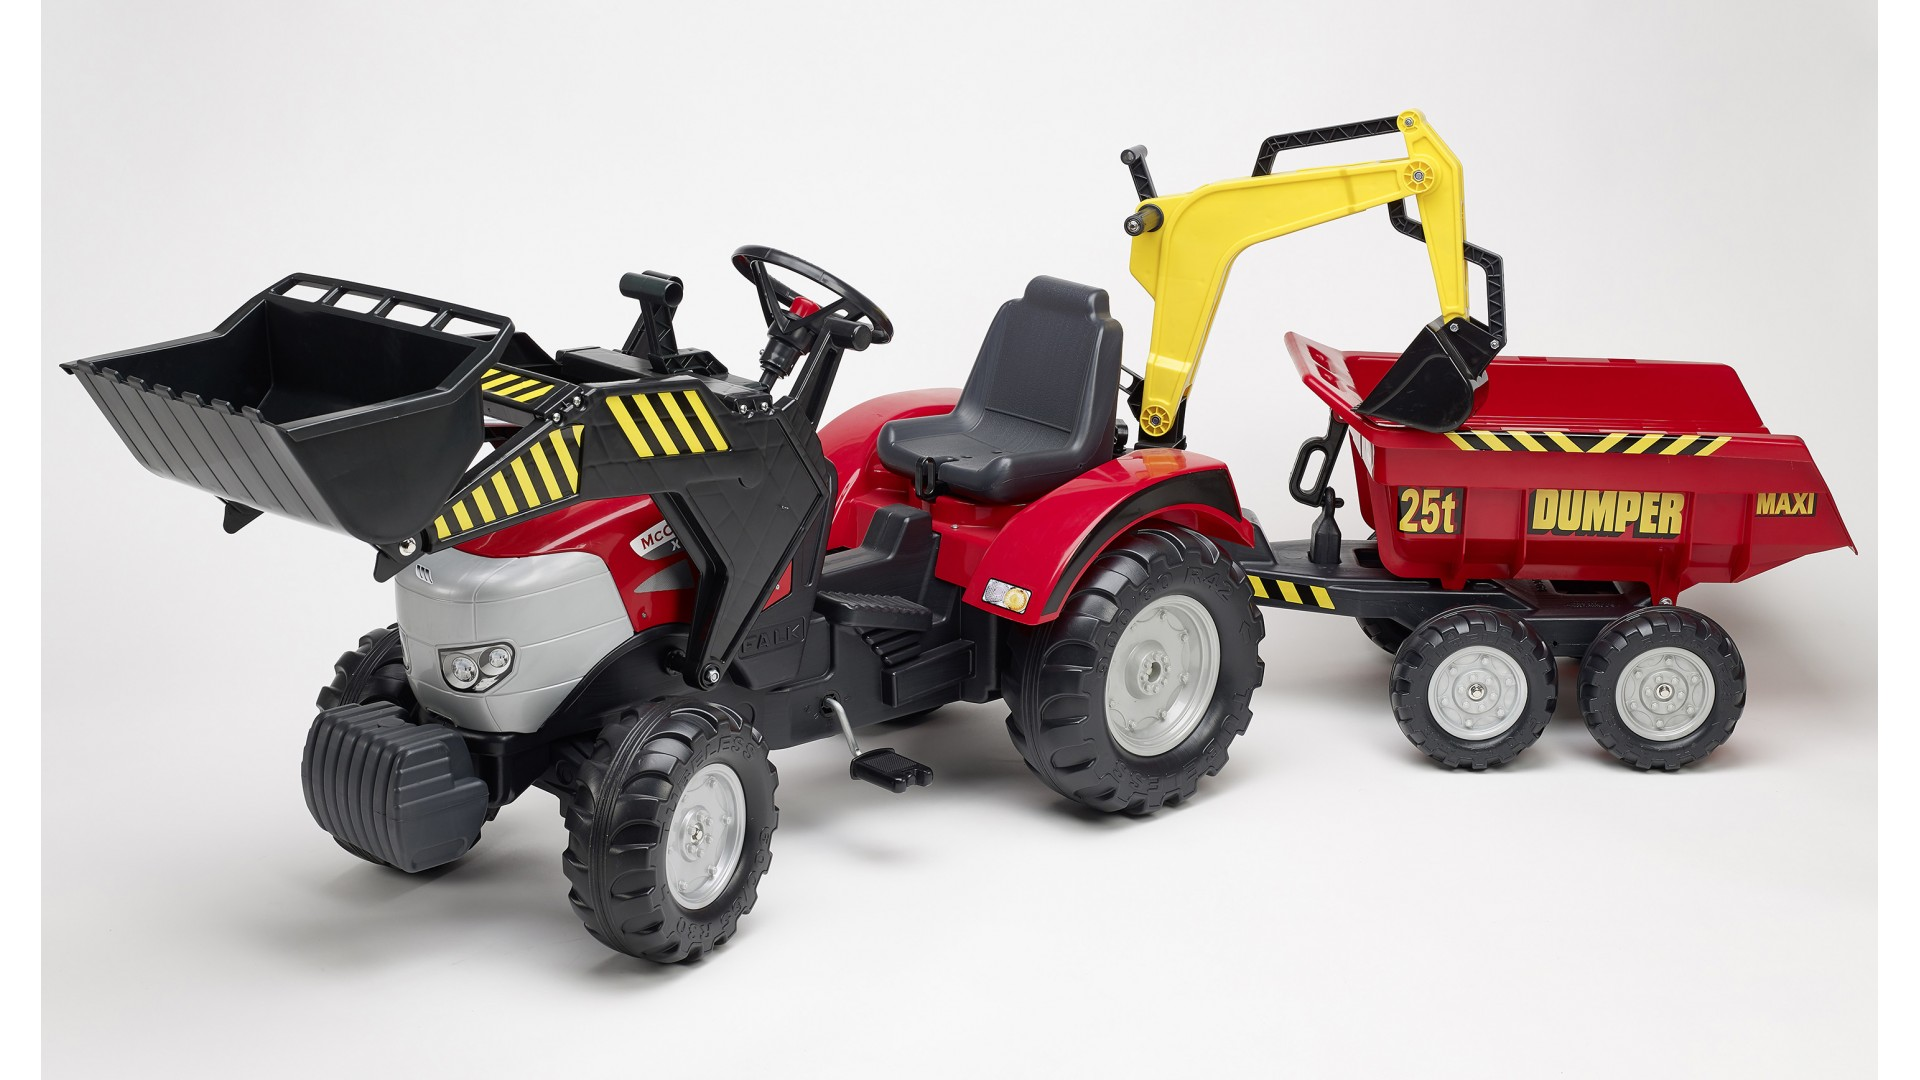 Педальный трактор-экскаватор с прицепом, красный, 225 см - Педальные машины и трактора, артикул: 169033